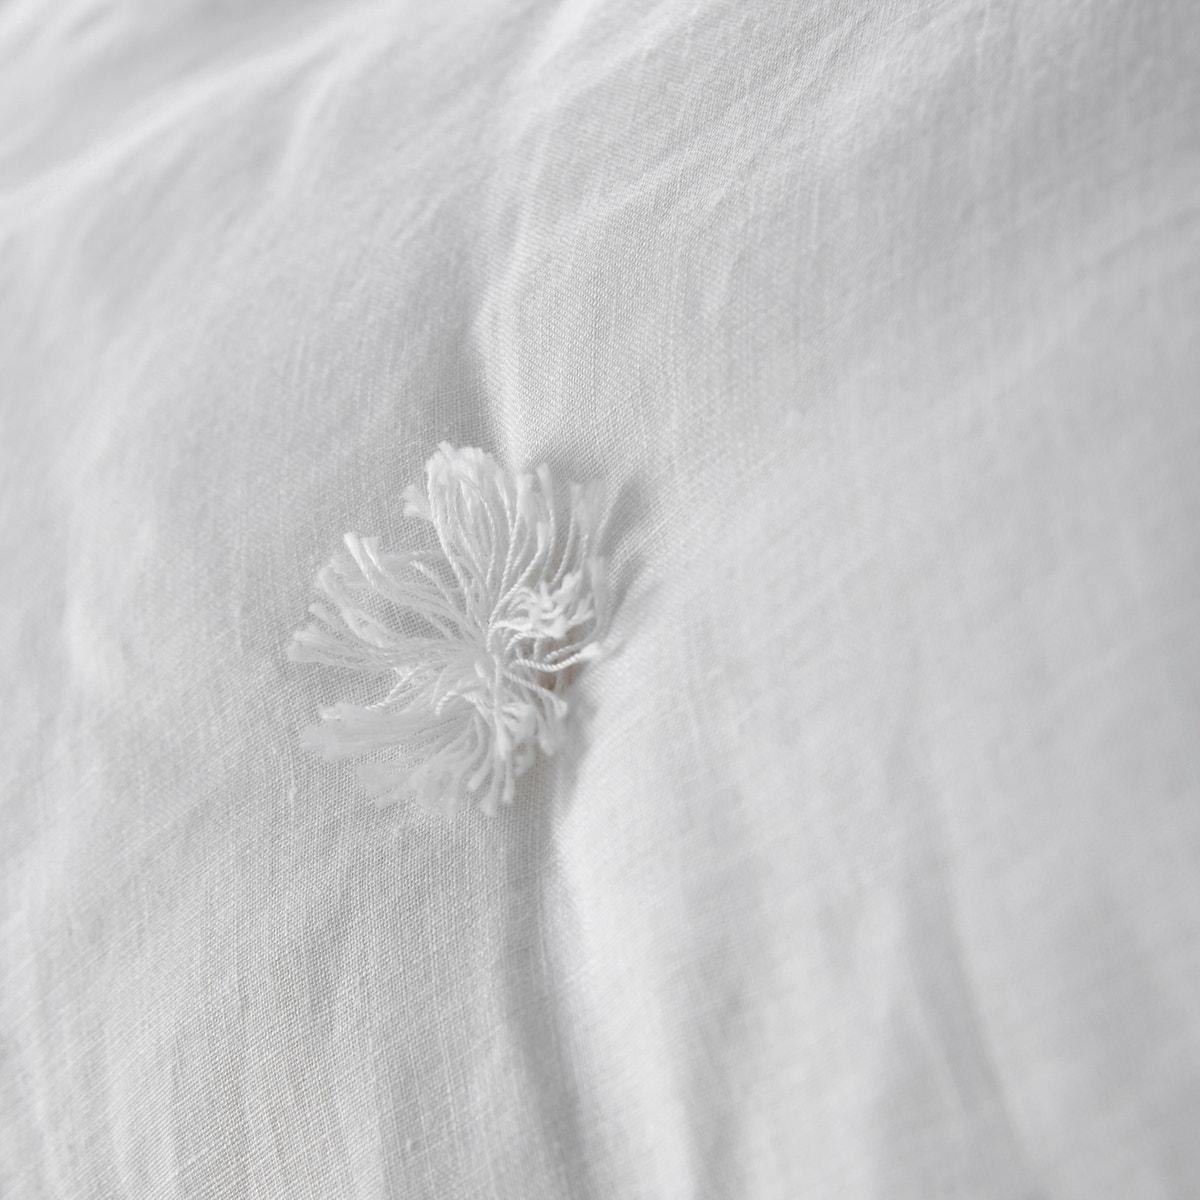 Abella ウォッシュドリネン キルト中綿入りベッドスプレッド